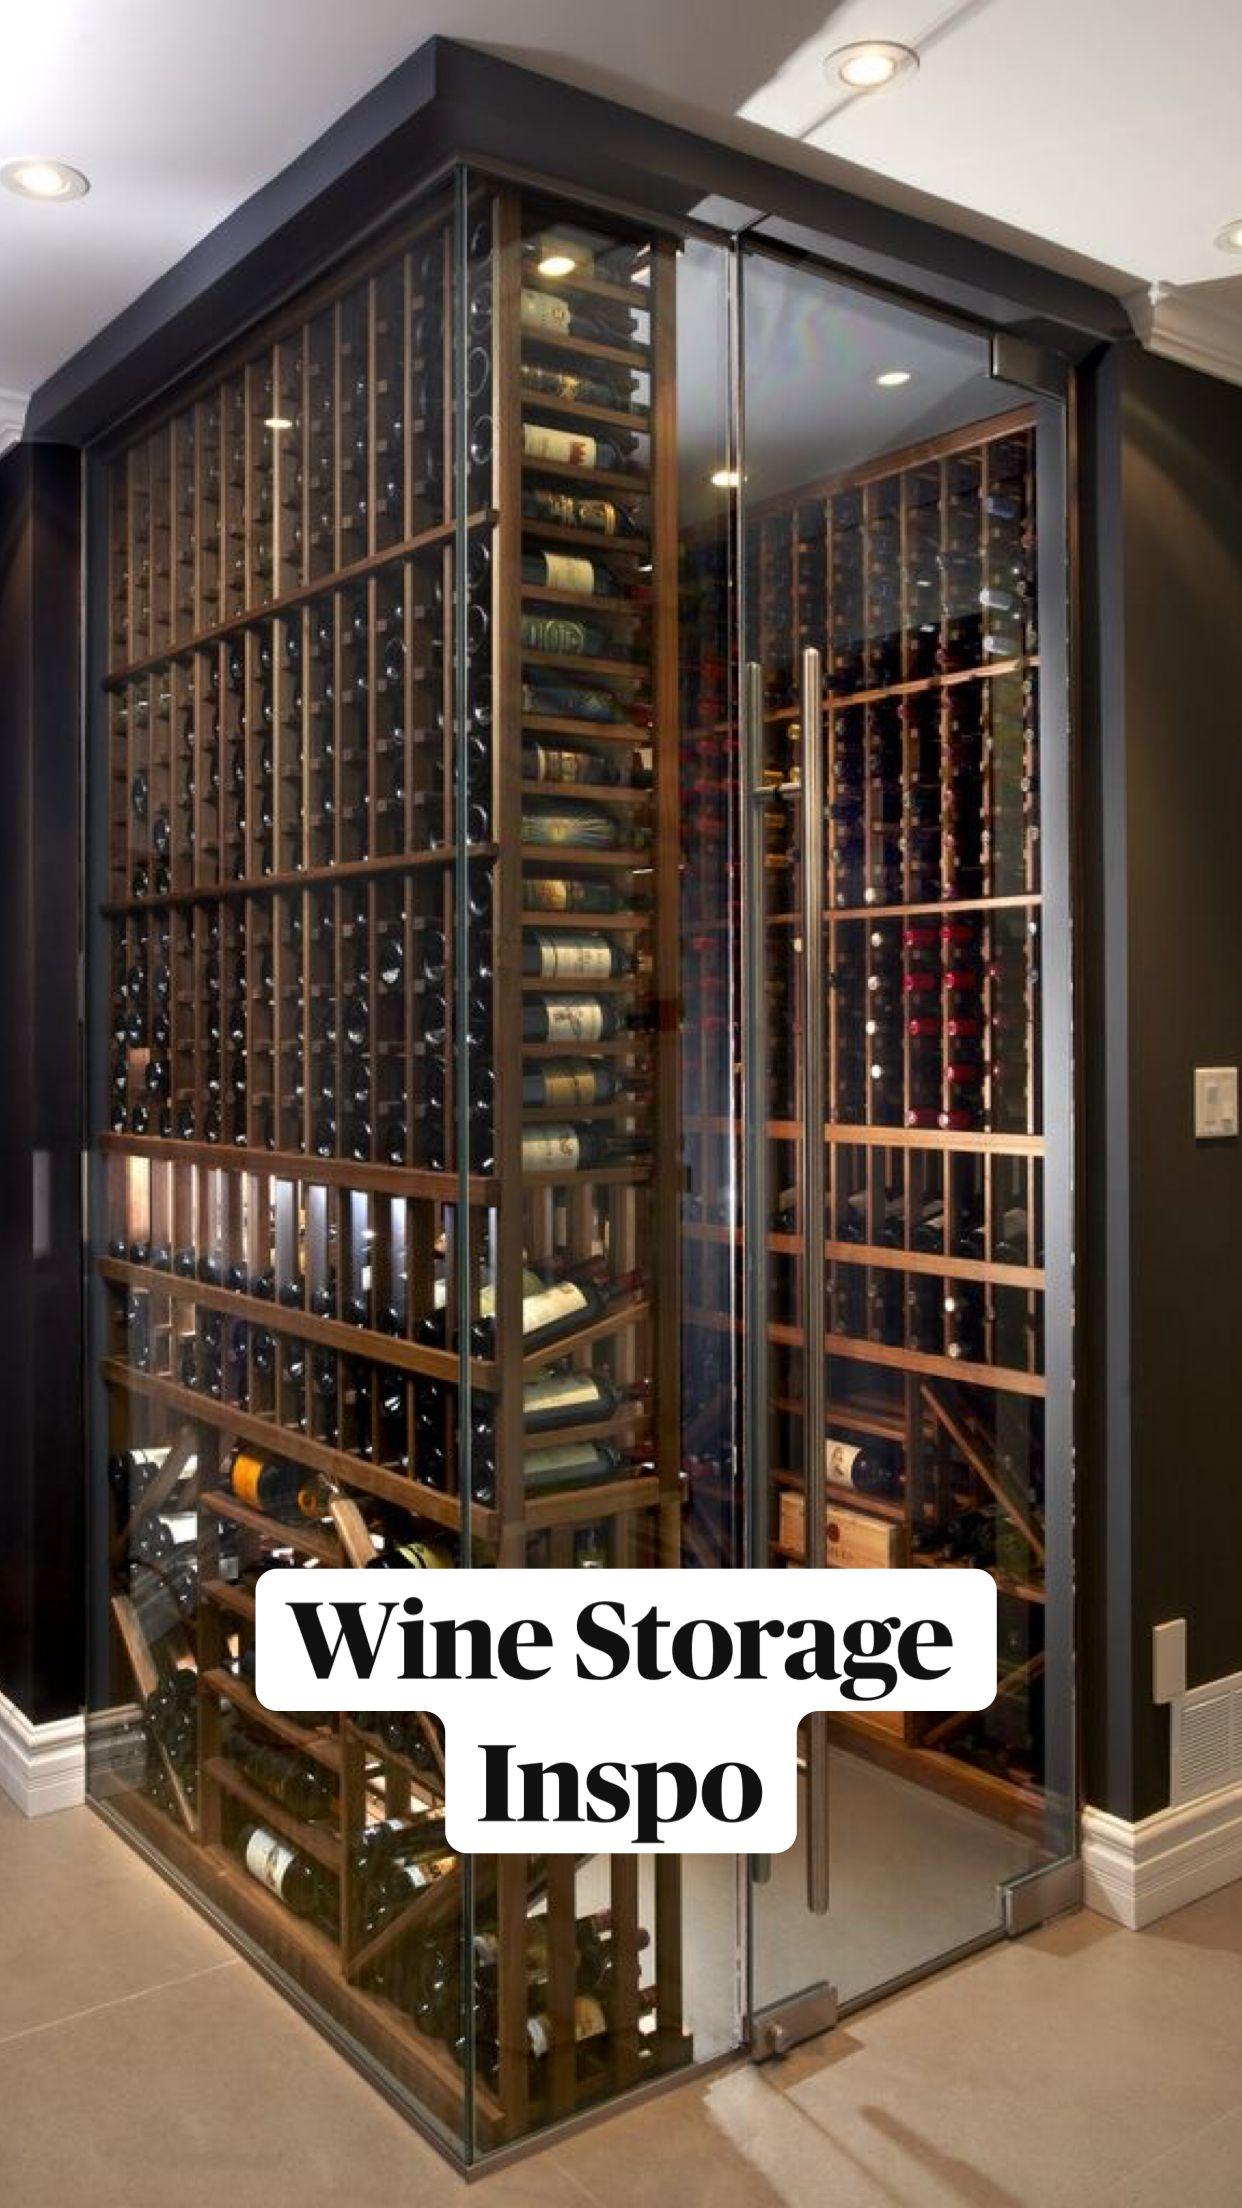 Wine Storage Inspo